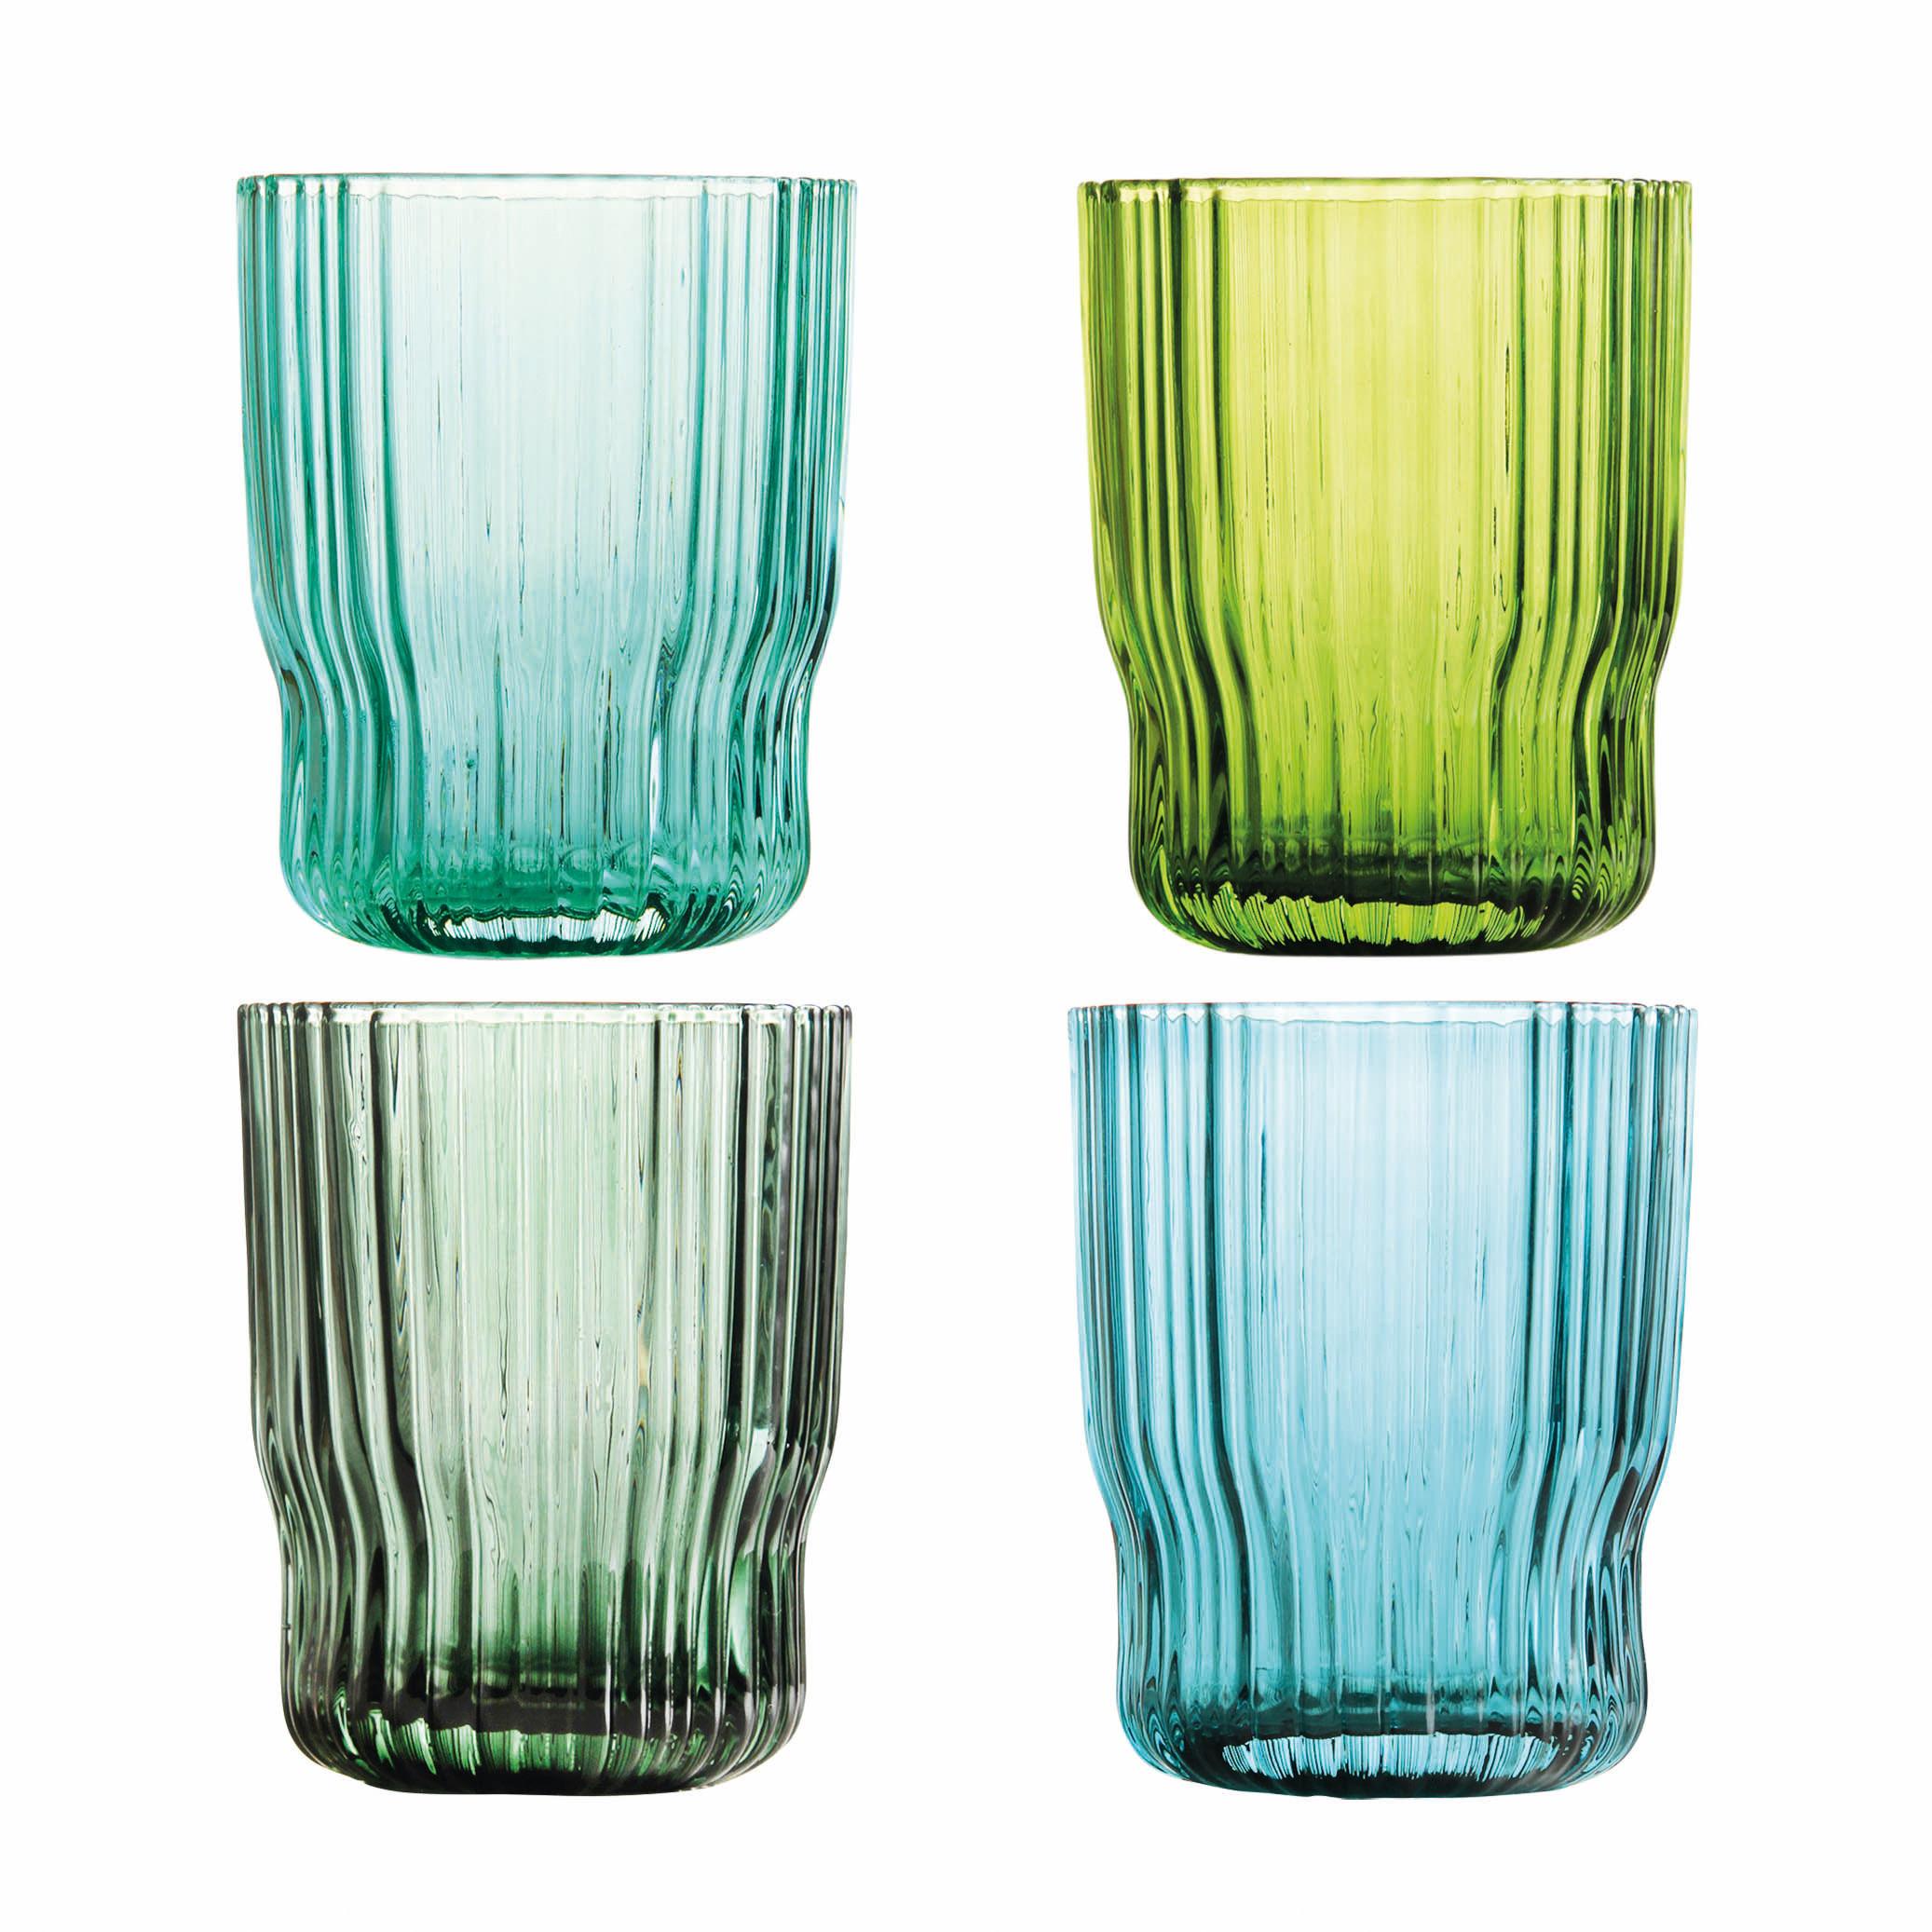 Tavola - Bicchieri  - Bicchiere Riffle - / Set di 4 di & klevering - Multicolore -